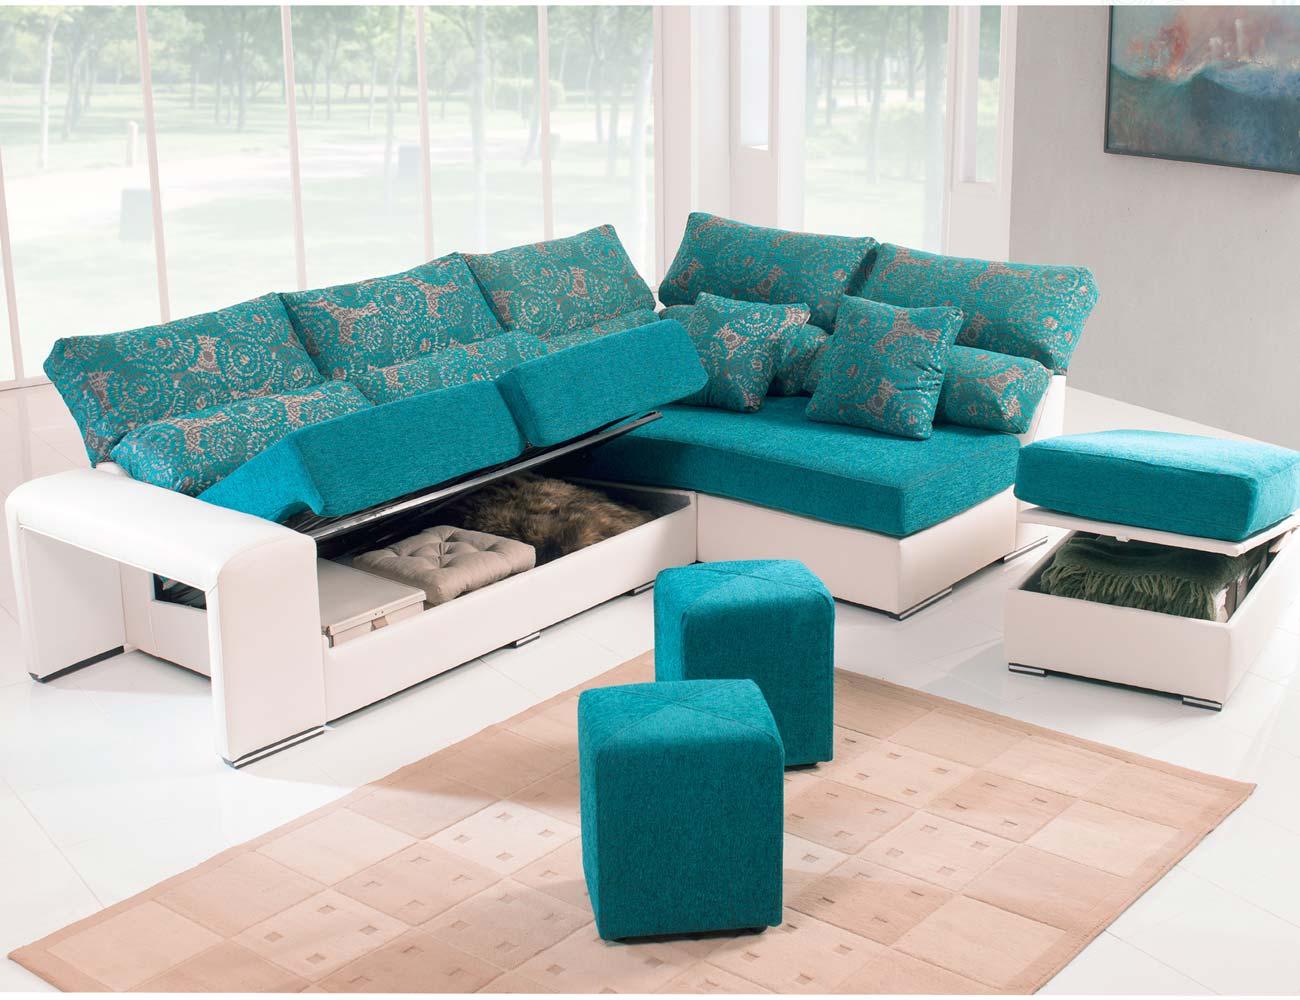 Sofa chaiselongue rincon puff arcon taburete30